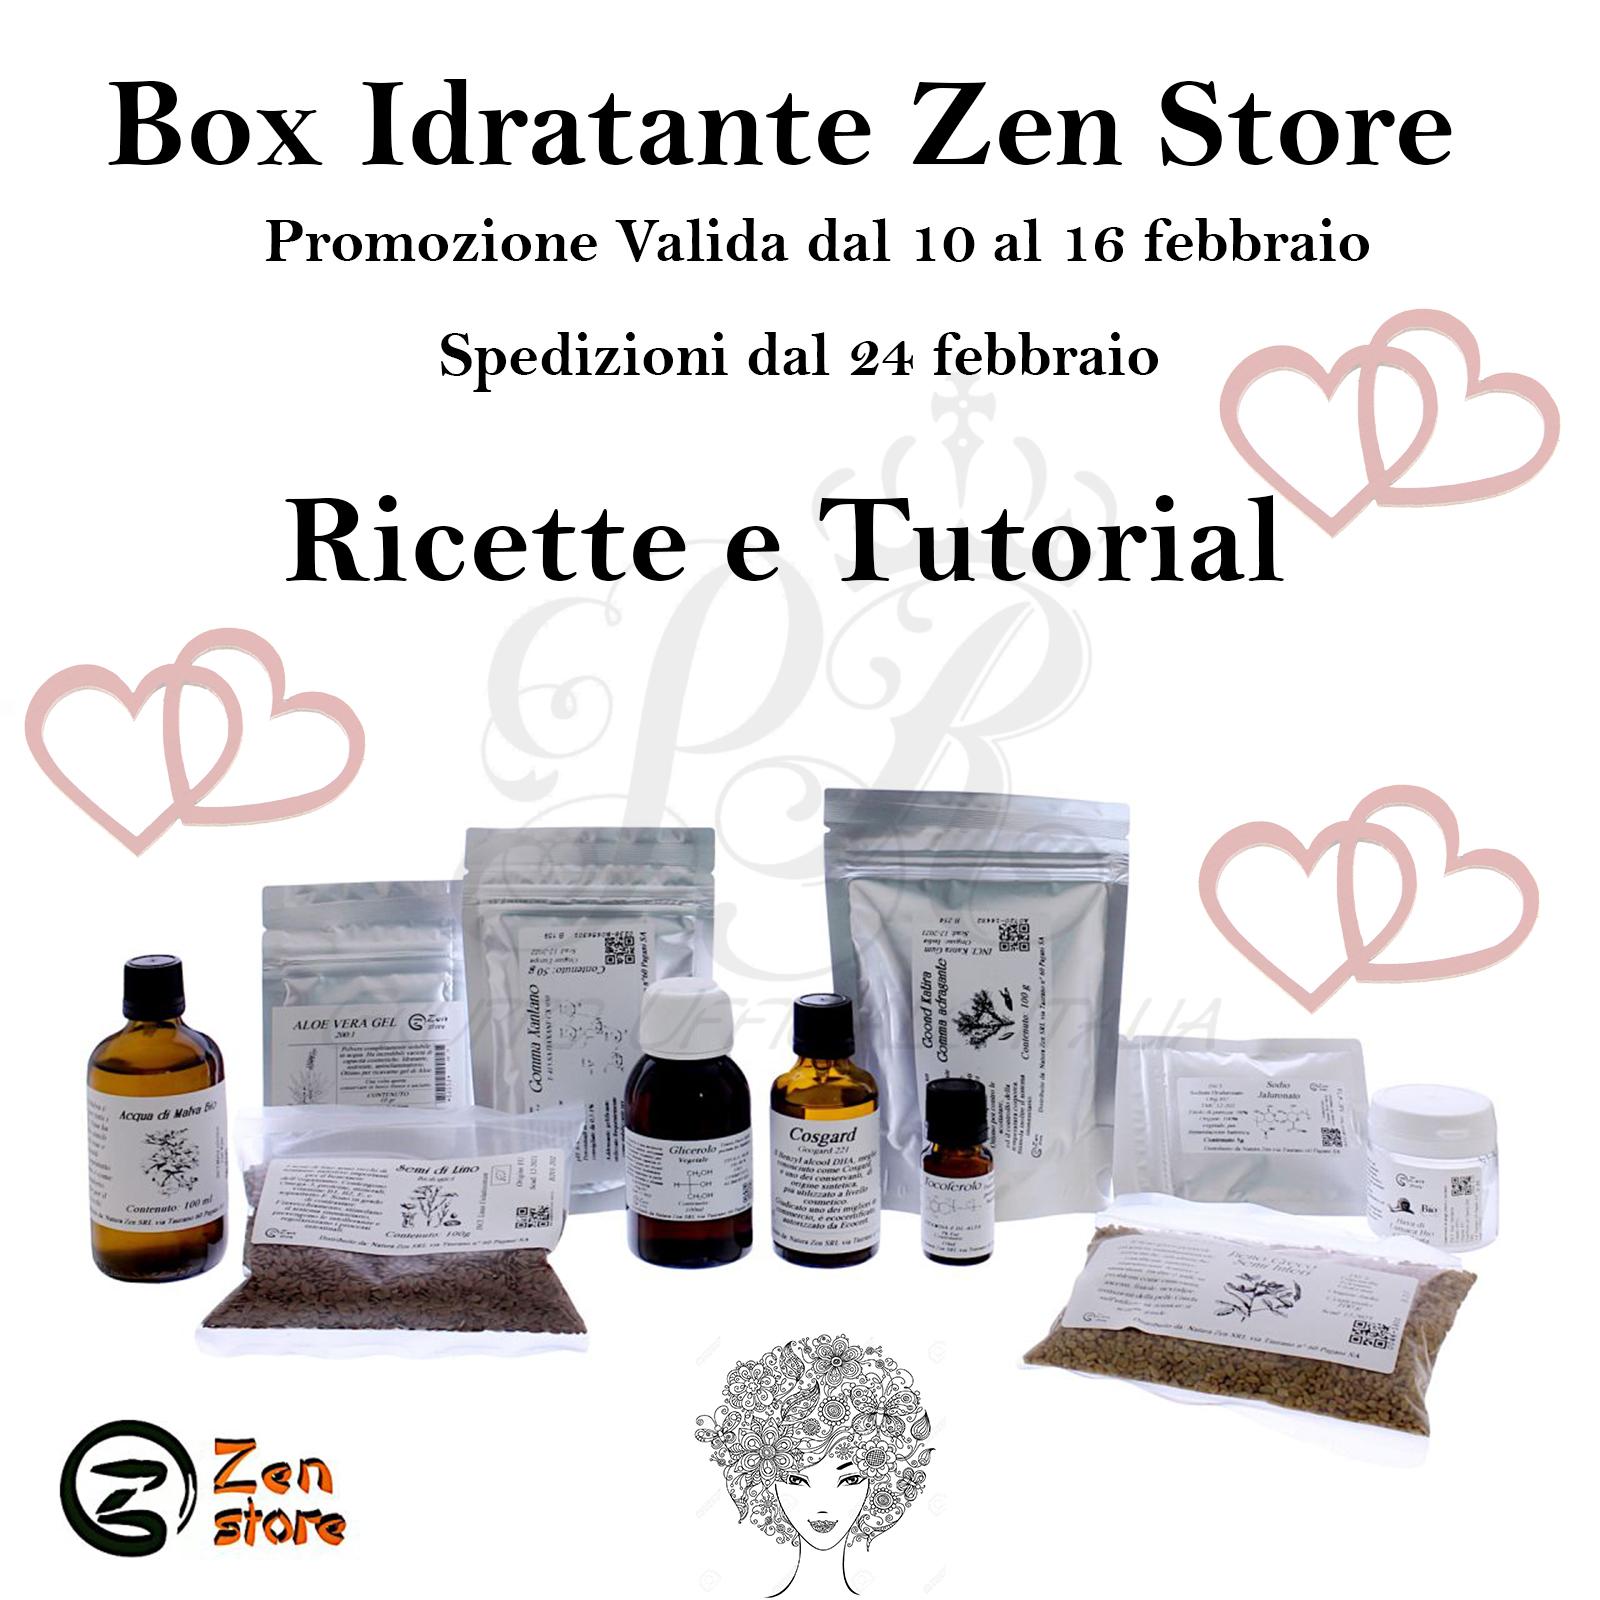 Ricette consigli Box Idratante Zen Store